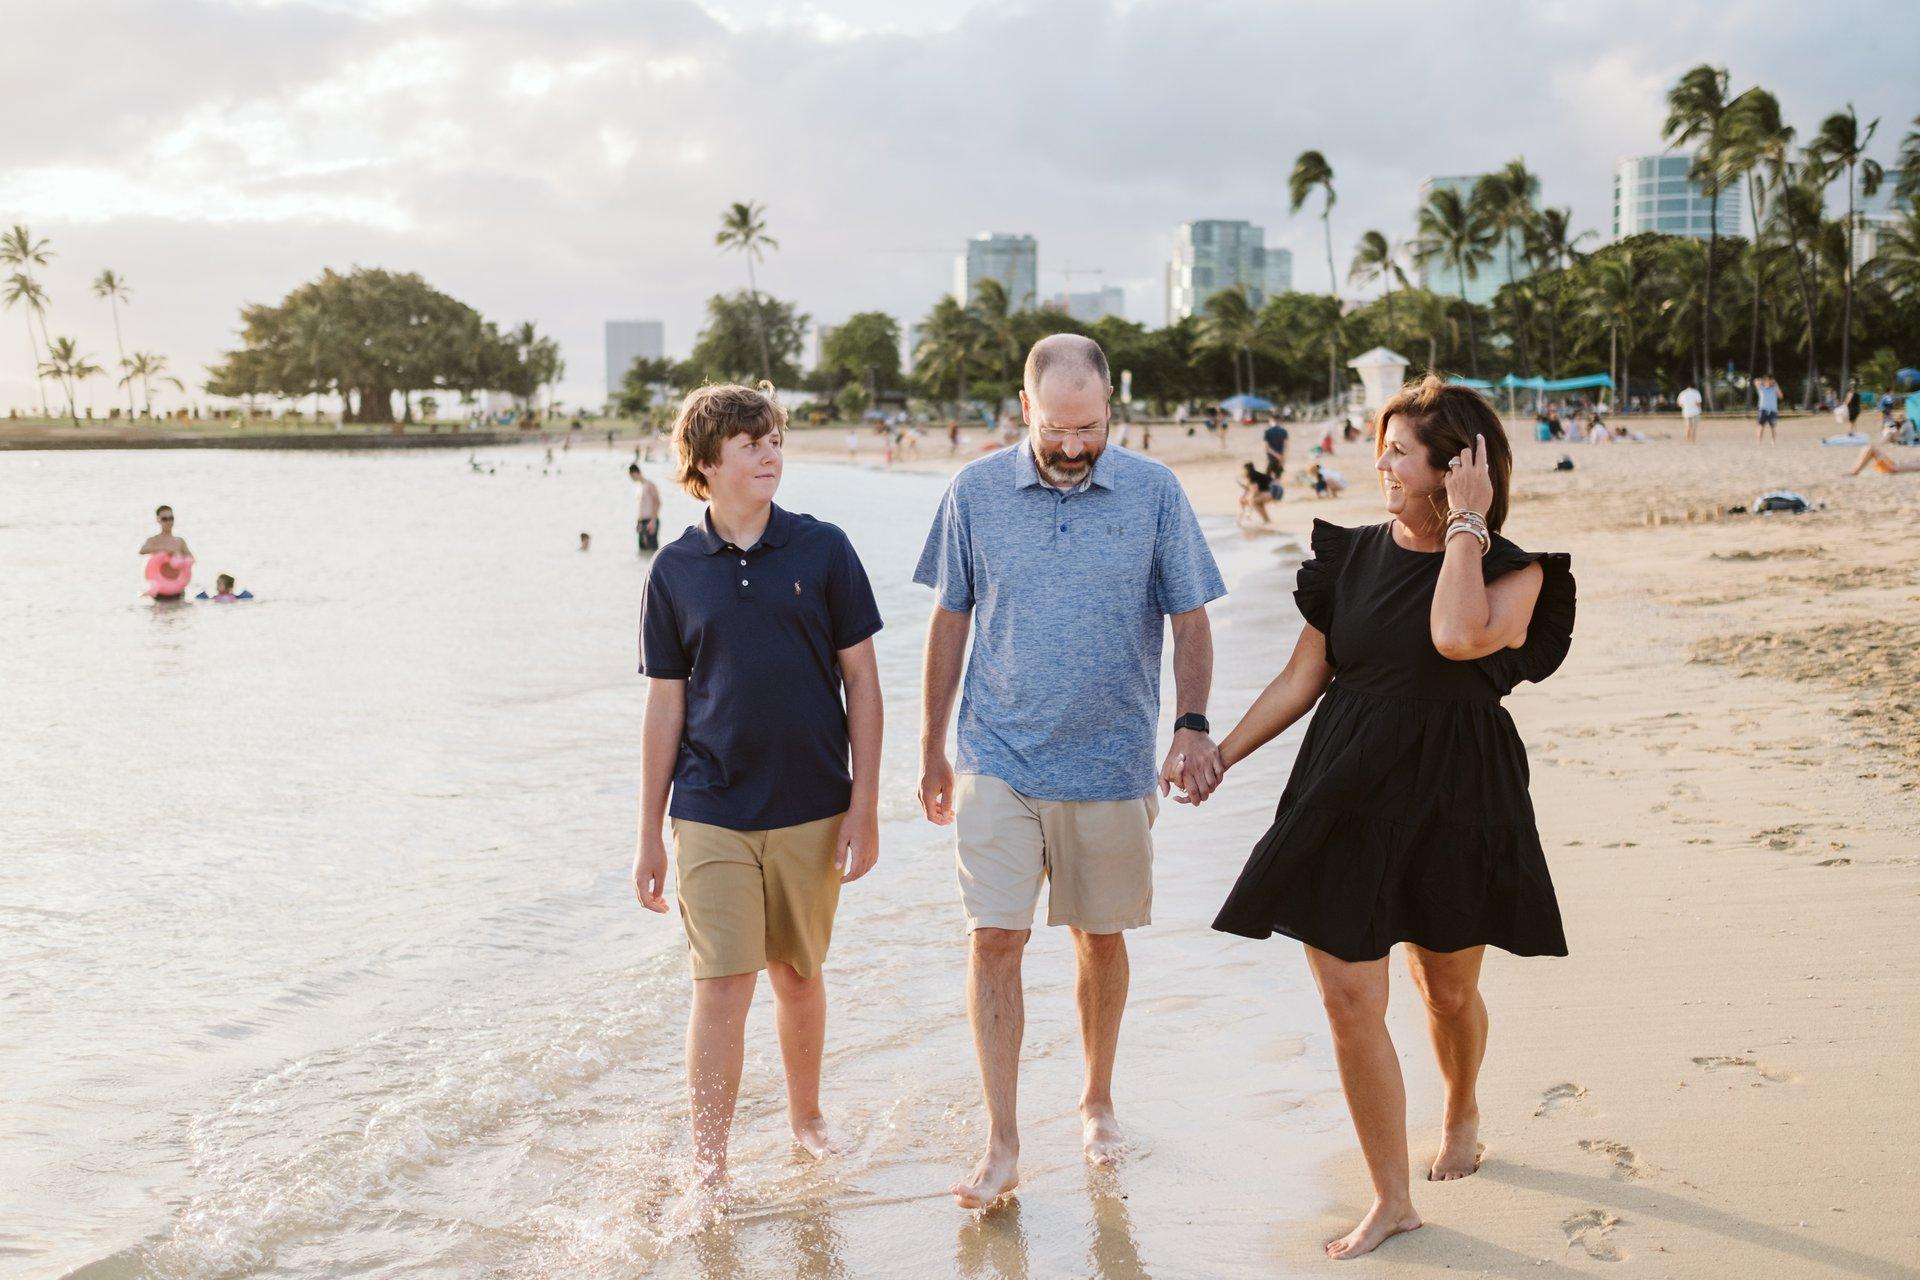 Flytographer Travel Story - Newton Family Hawaii Vacation  2021